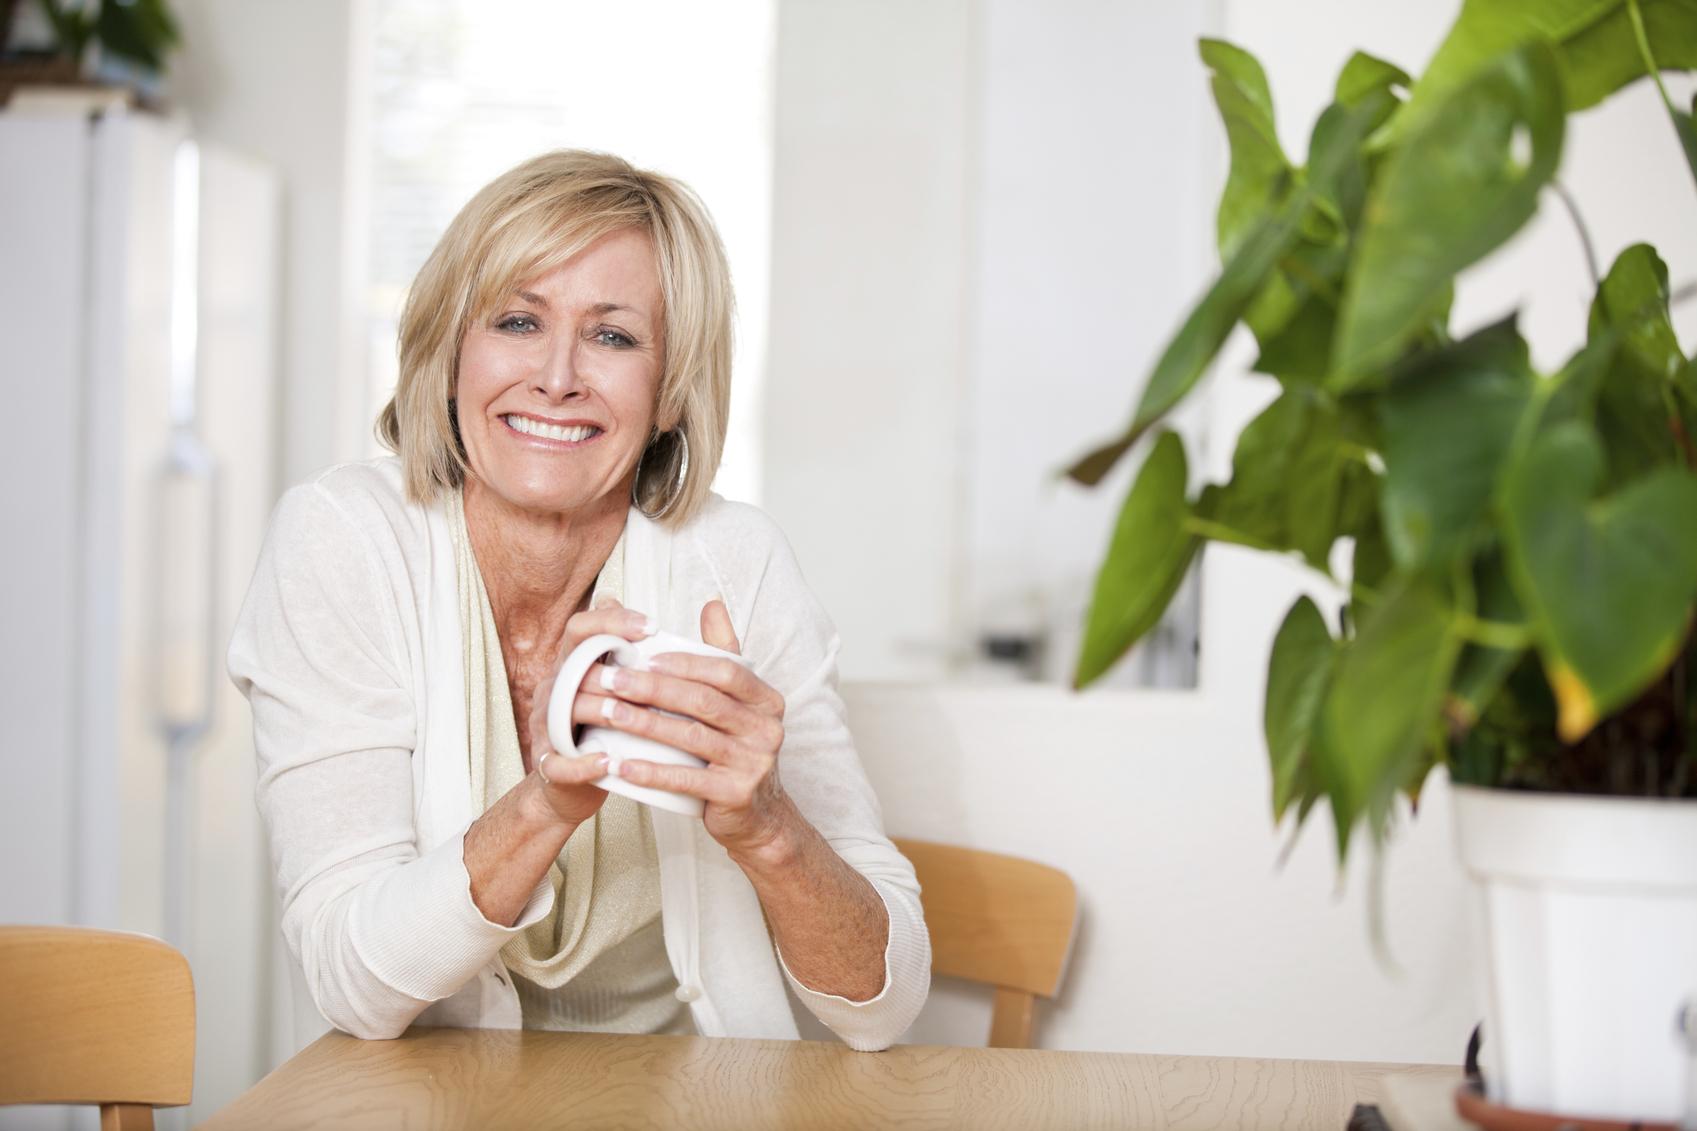 диабет симптомы у женщин после 50 лет